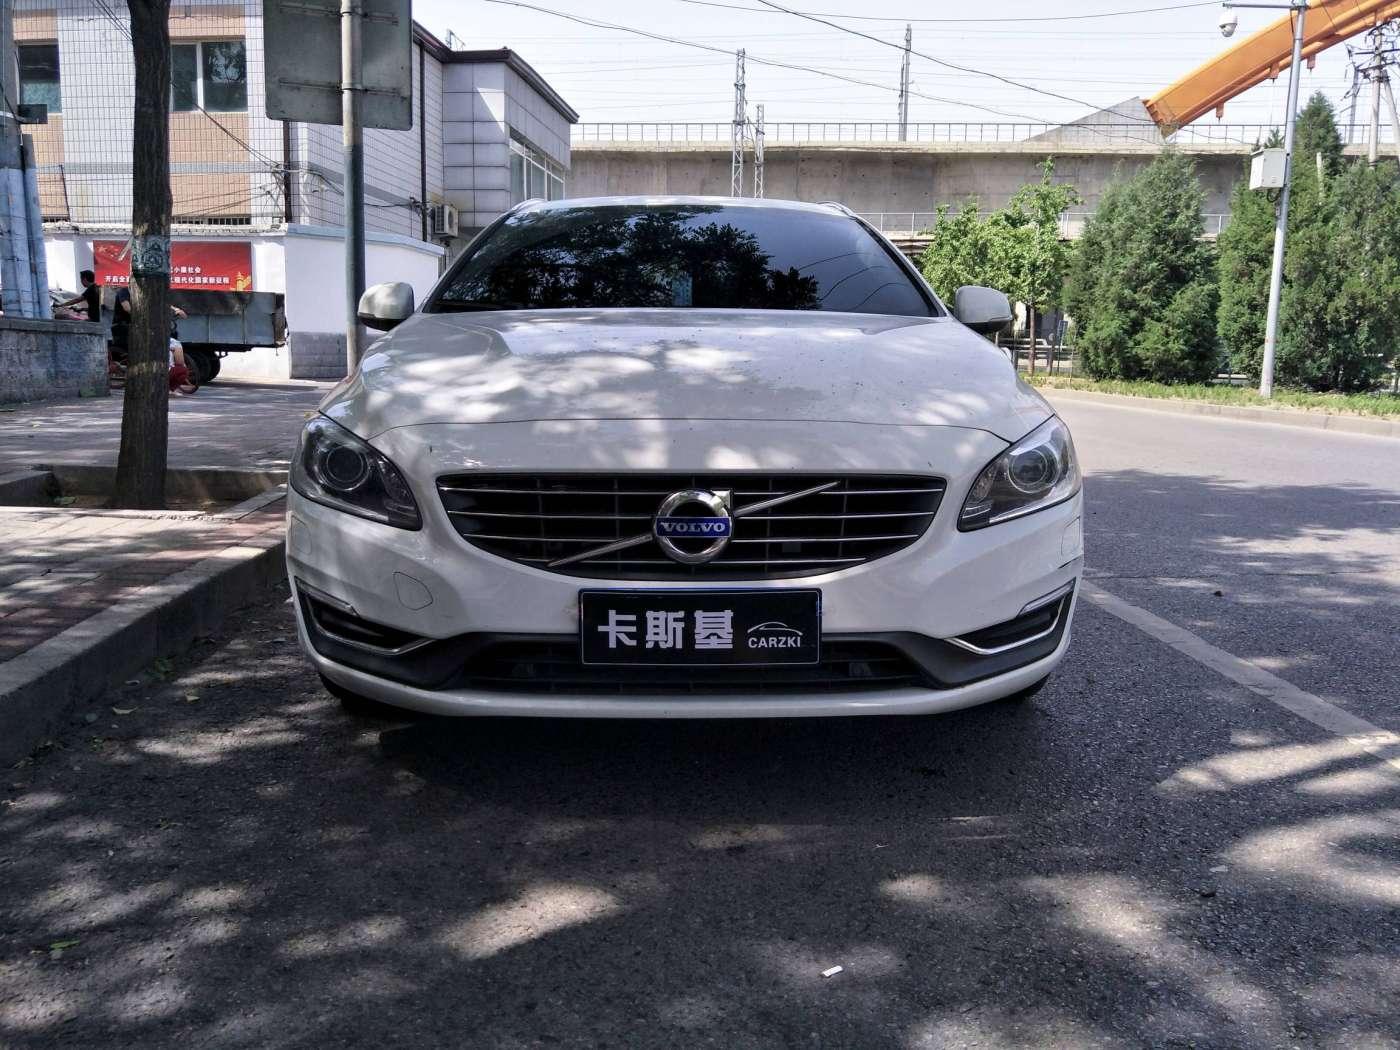 2014年09月 沃尔沃V60 2014款 改款 2.0T T5 智逸版|甄选易手车-北京卡斯基汽车服务有限公司